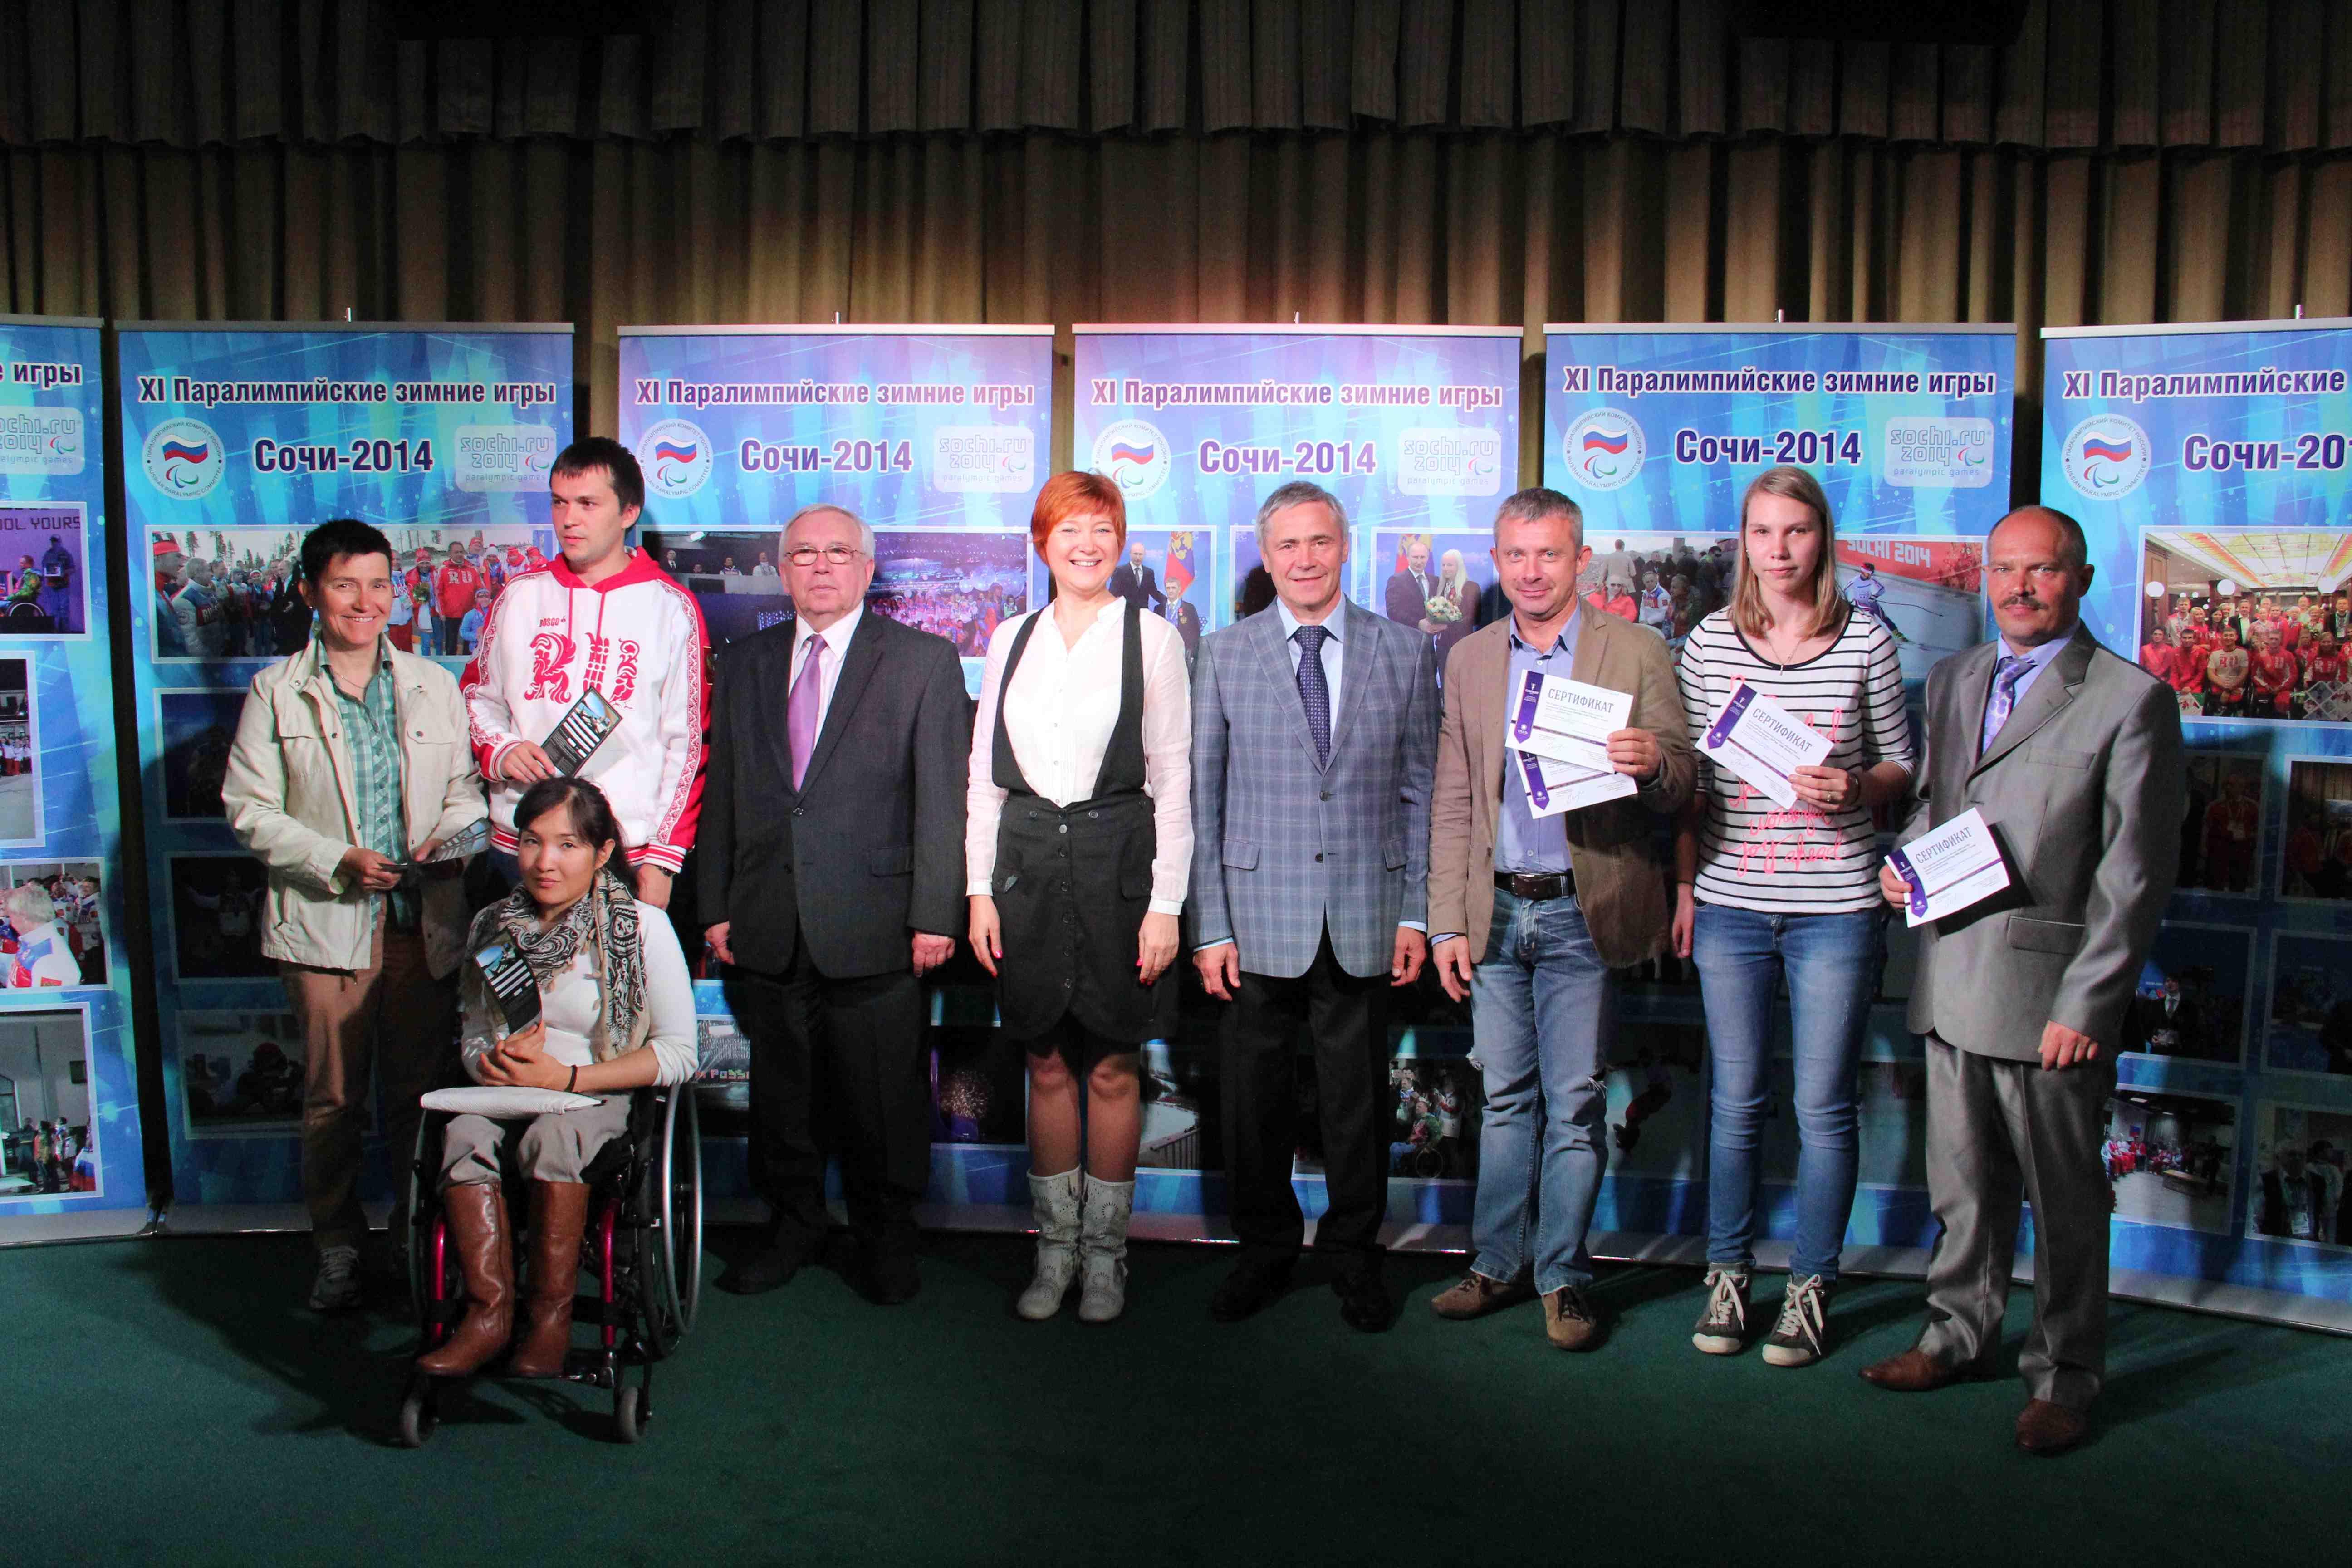 В.П. Лукин, П.А. Рожков и Е.Г. Кволек вручили сертификаты на отдых участникам XI Паралимпийских зимних игр 2014 г. в г. Сочи, которые заняли 4 место